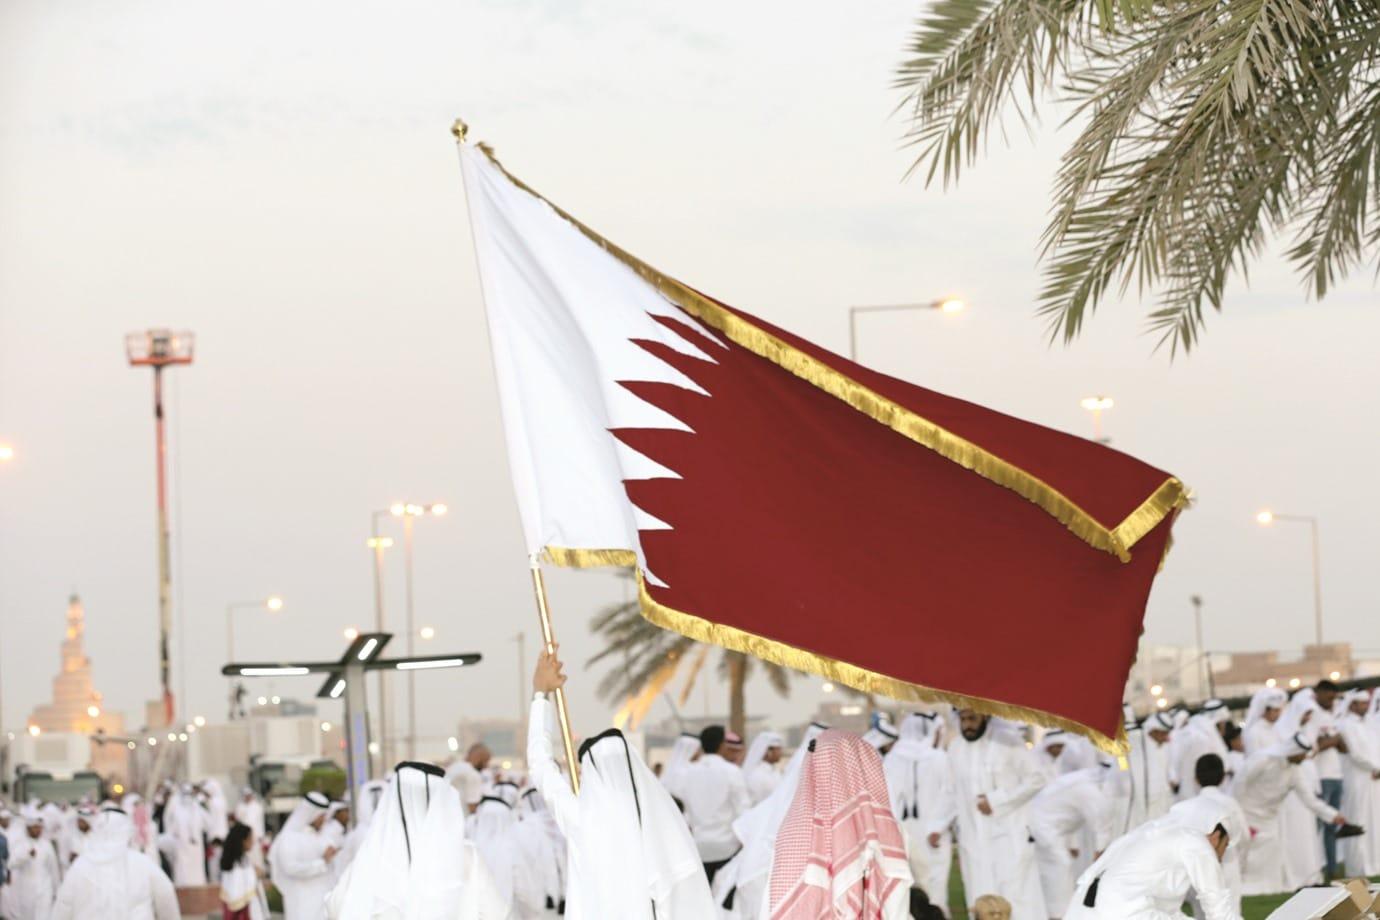 قطر الوسيط الاقليمي